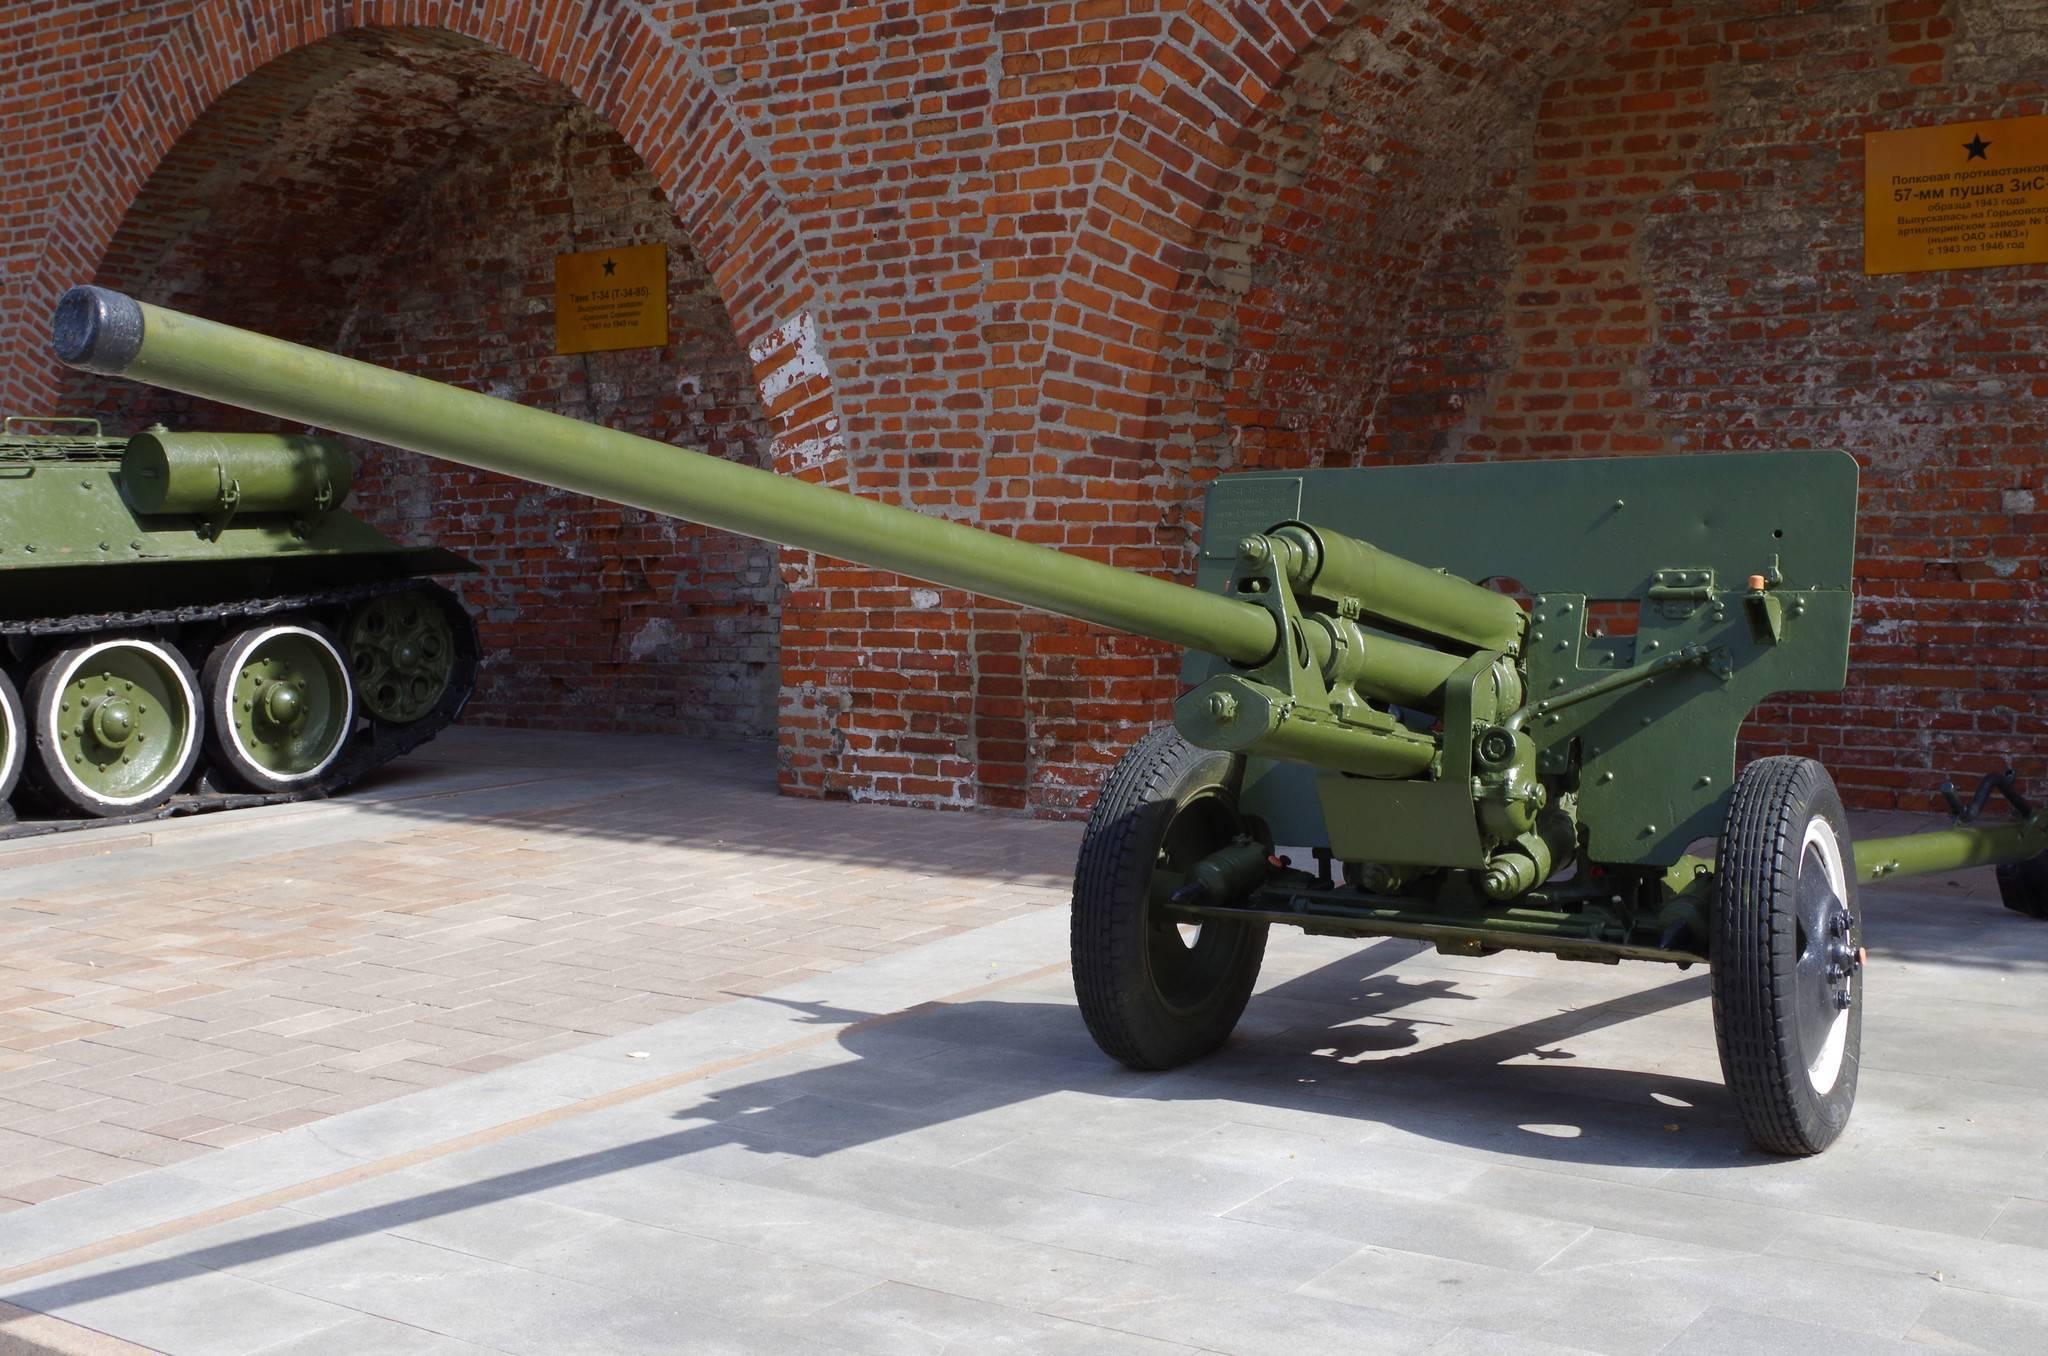 Поле боя: т-34-57, танк который спас сталина и мог бороться с тиграми